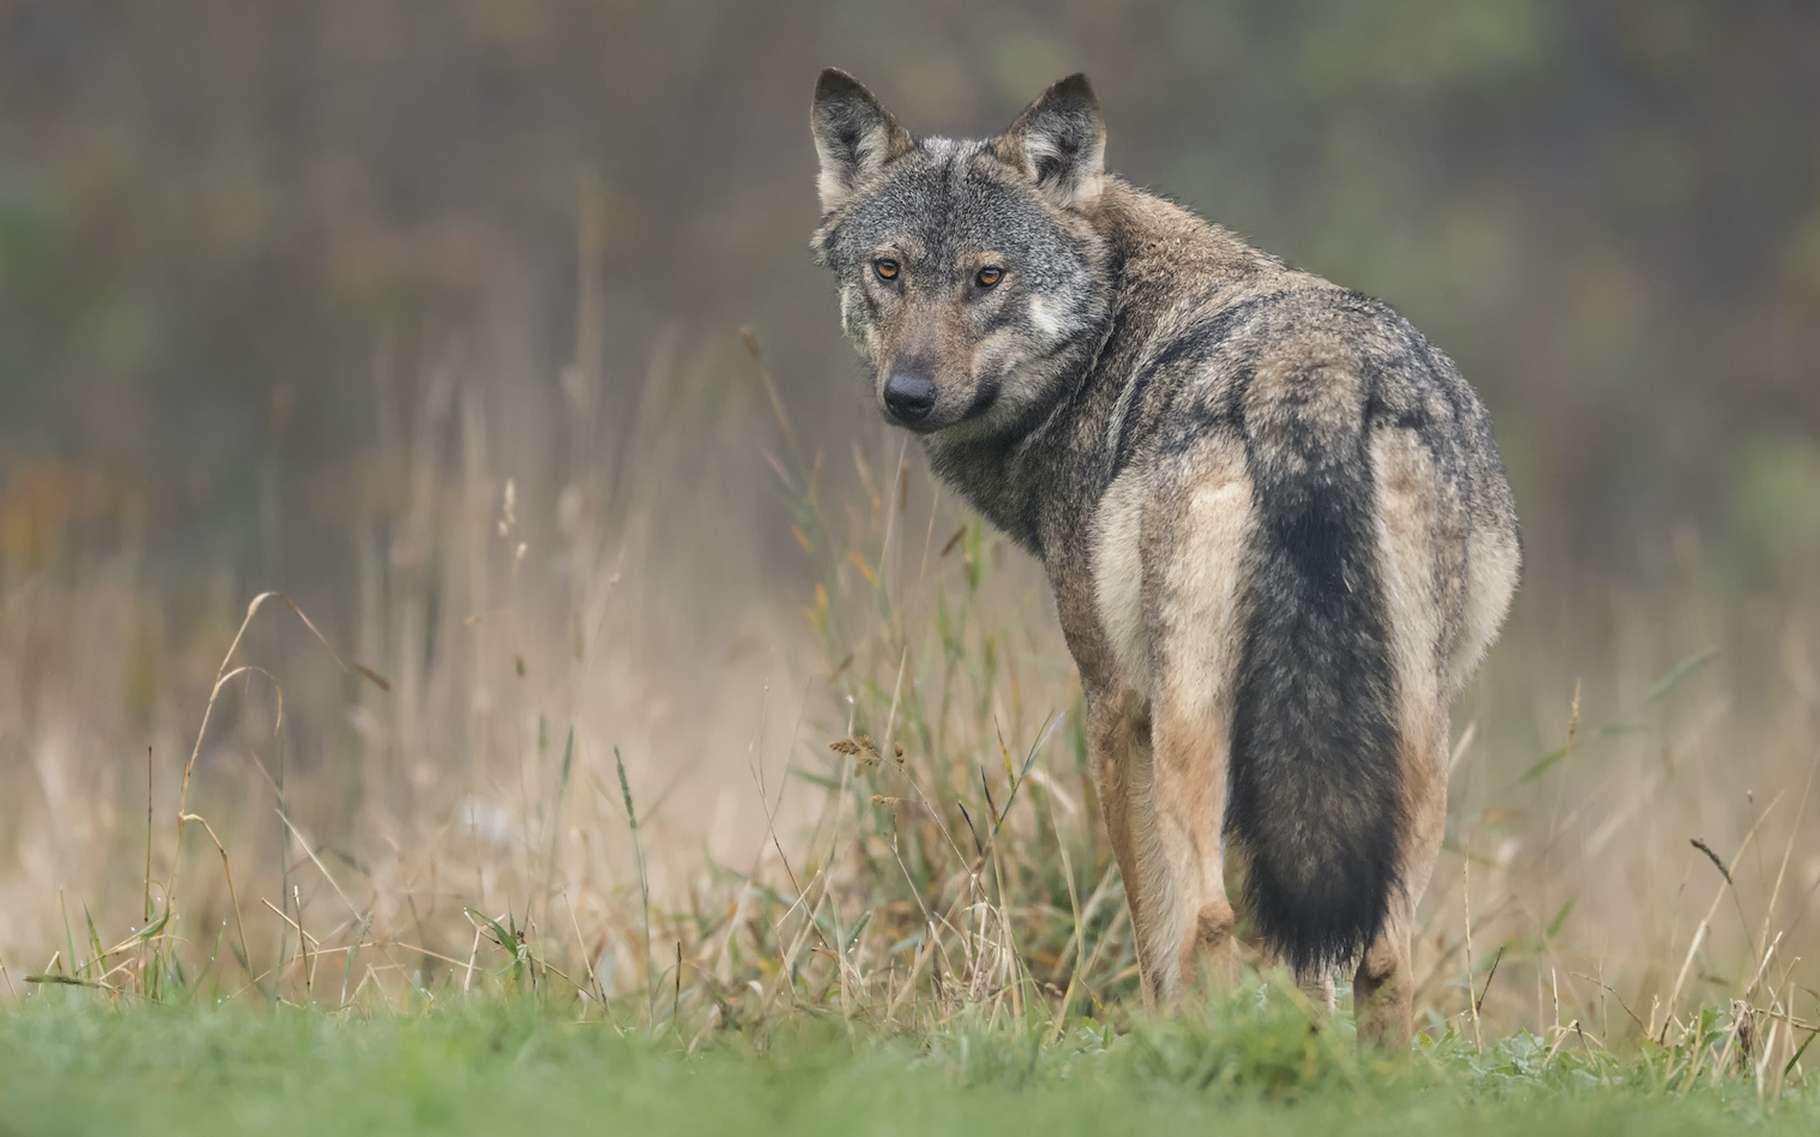 Les loups, en tant que prédateurs, font partie des espèces réintroduites à des fins de rewilding. © Piotr Krzeslak, Adobe Stock